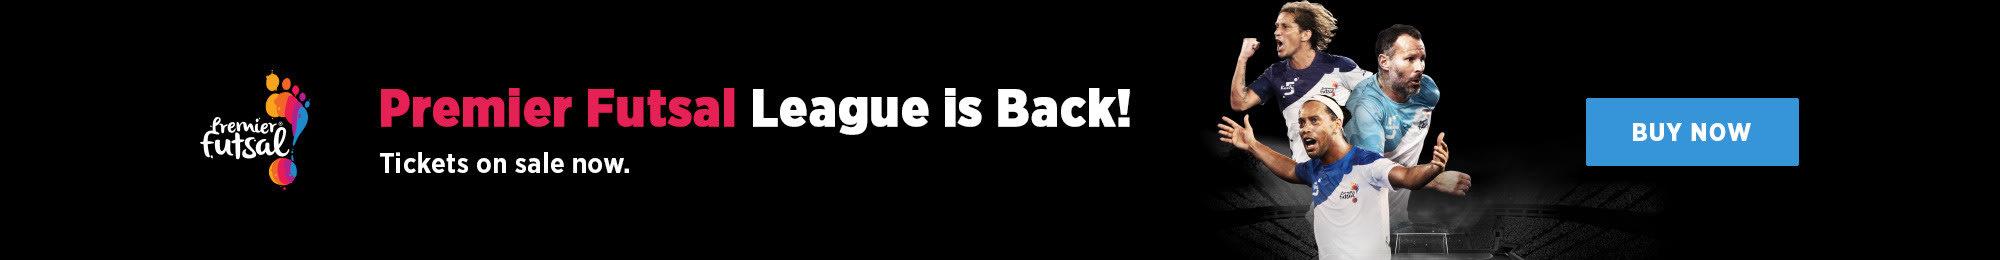 Premier Futsal Is Back! Tickets on sale now.